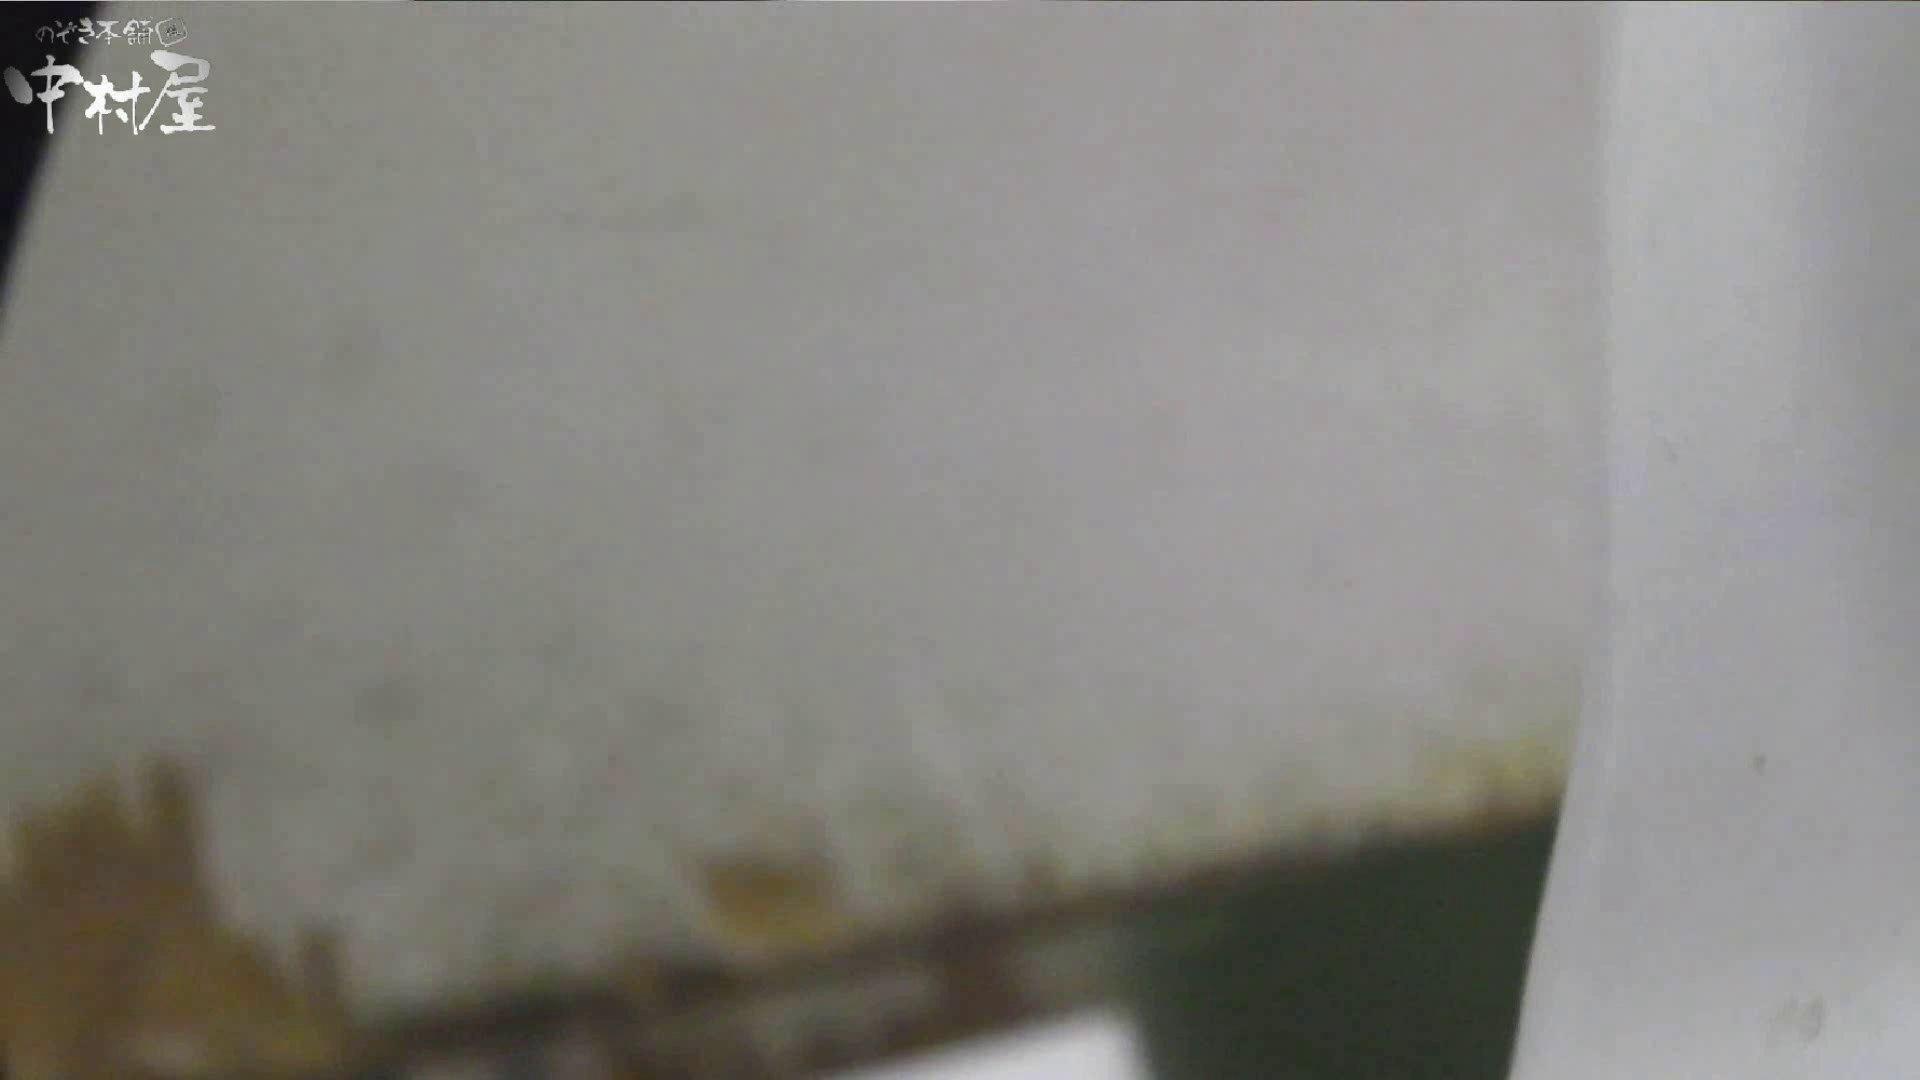 vol.49 命がけ潜伏洗面所! ポニテたんのソフトなブツ・推定180g プライベート  92画像 92